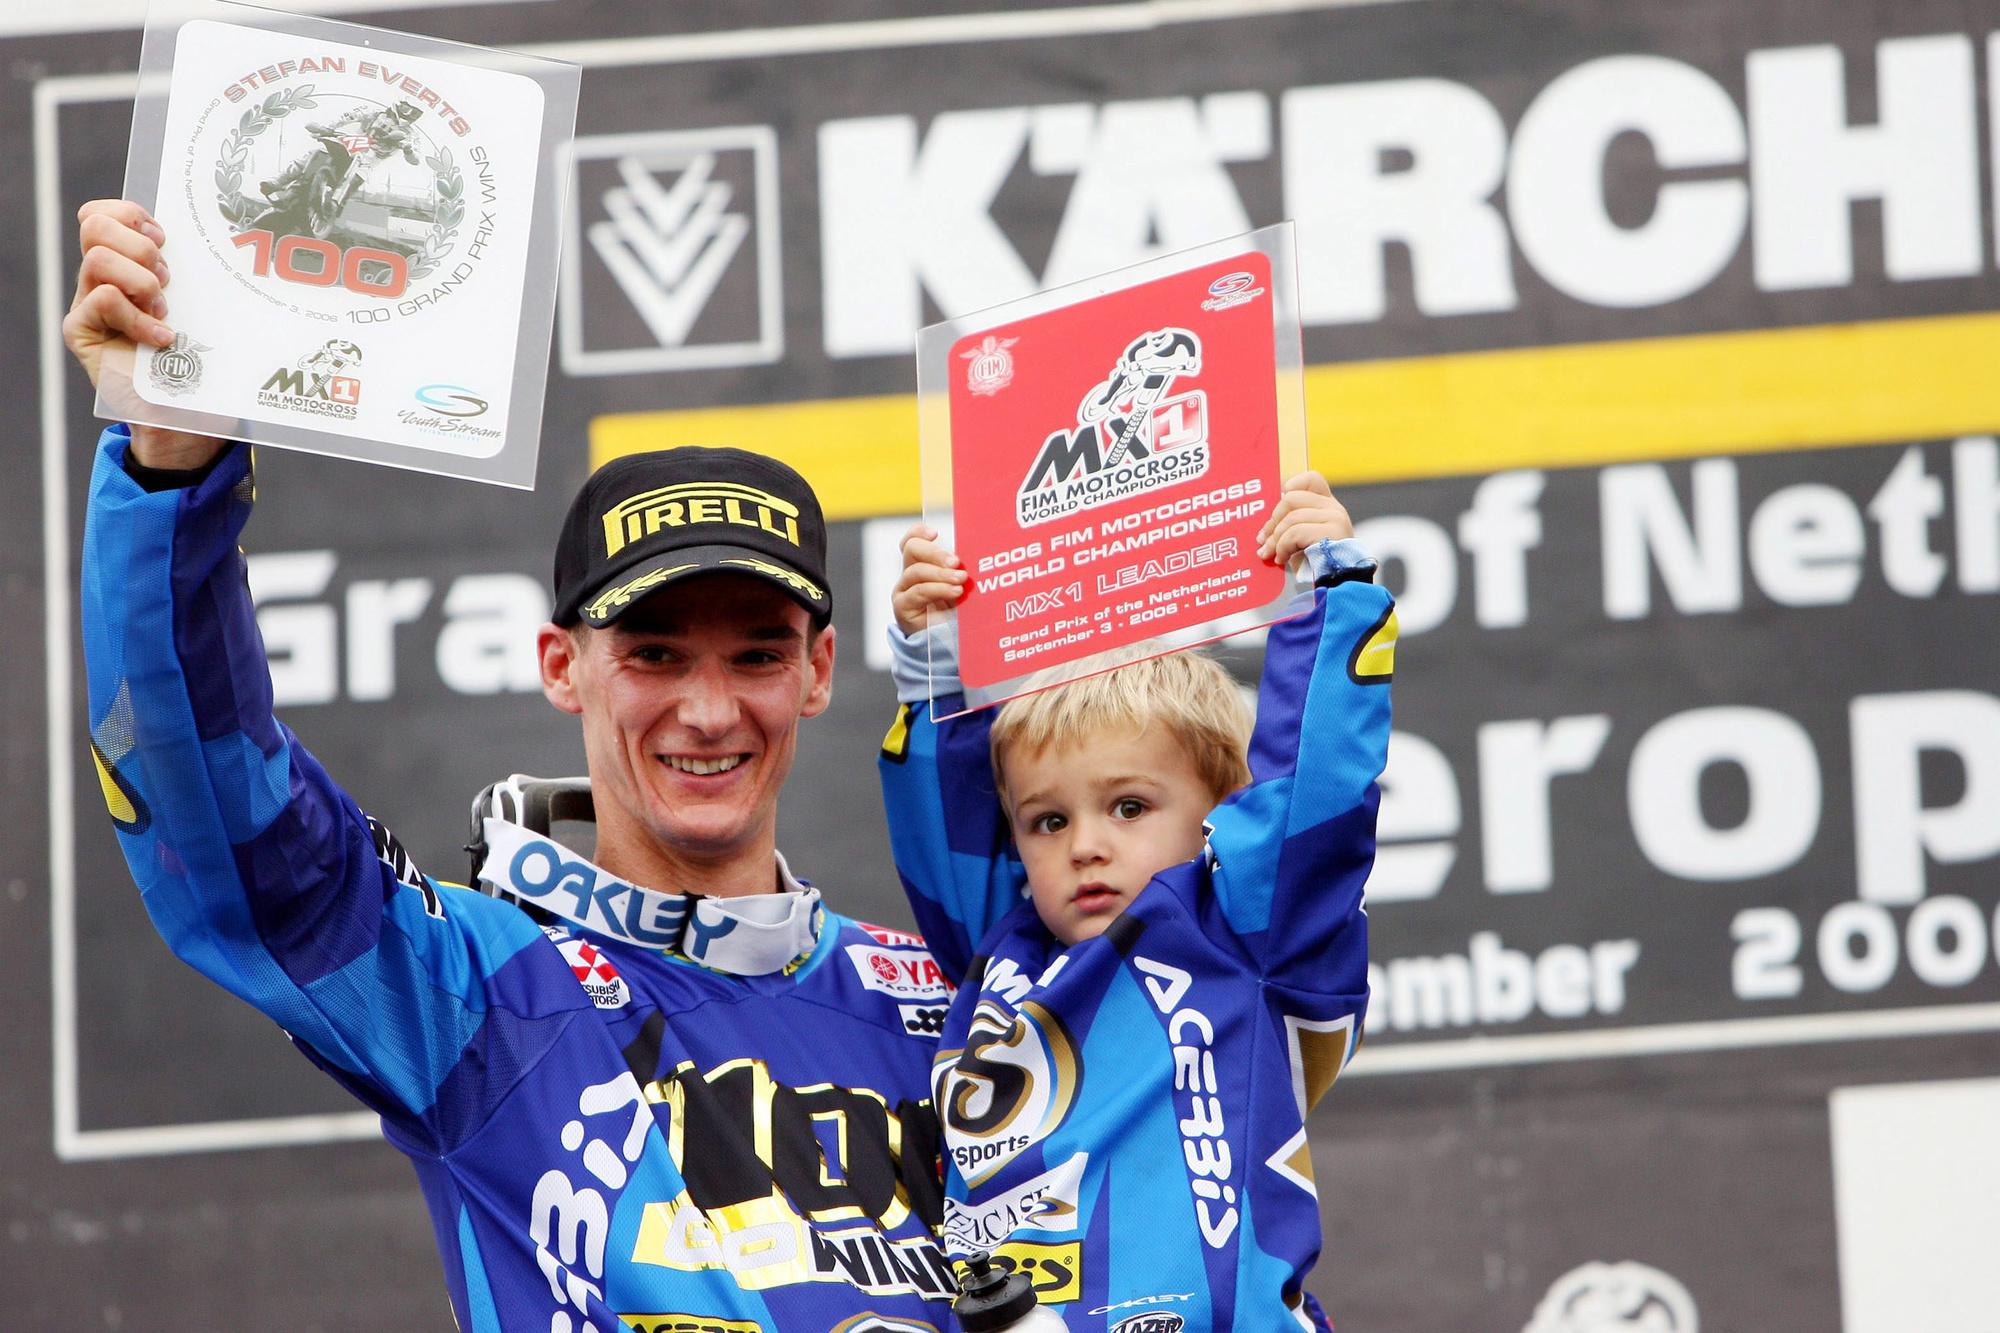 Stefan Everts, met zoontje Liam, wint zijn 100ste GP in 2006, Belga Image